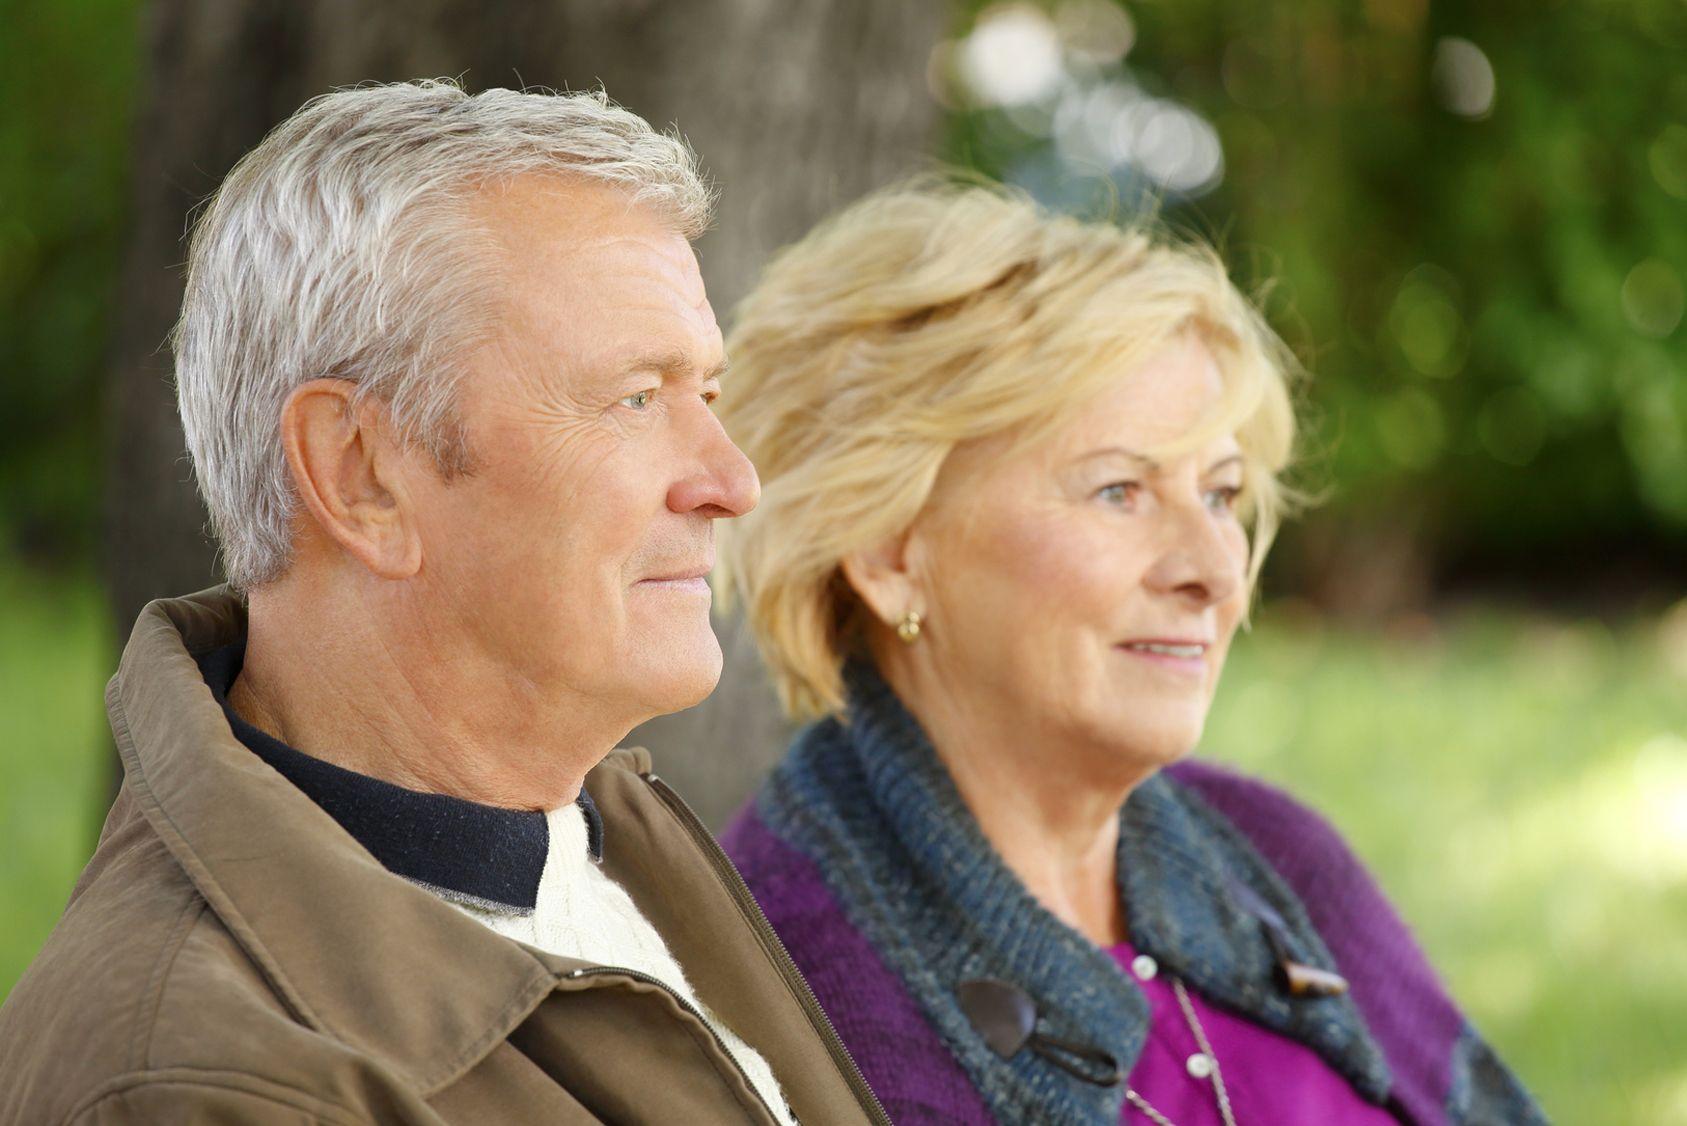 Retour sur l'info: les réformes ne suffisent pas à équilibrer les régimes de retraite